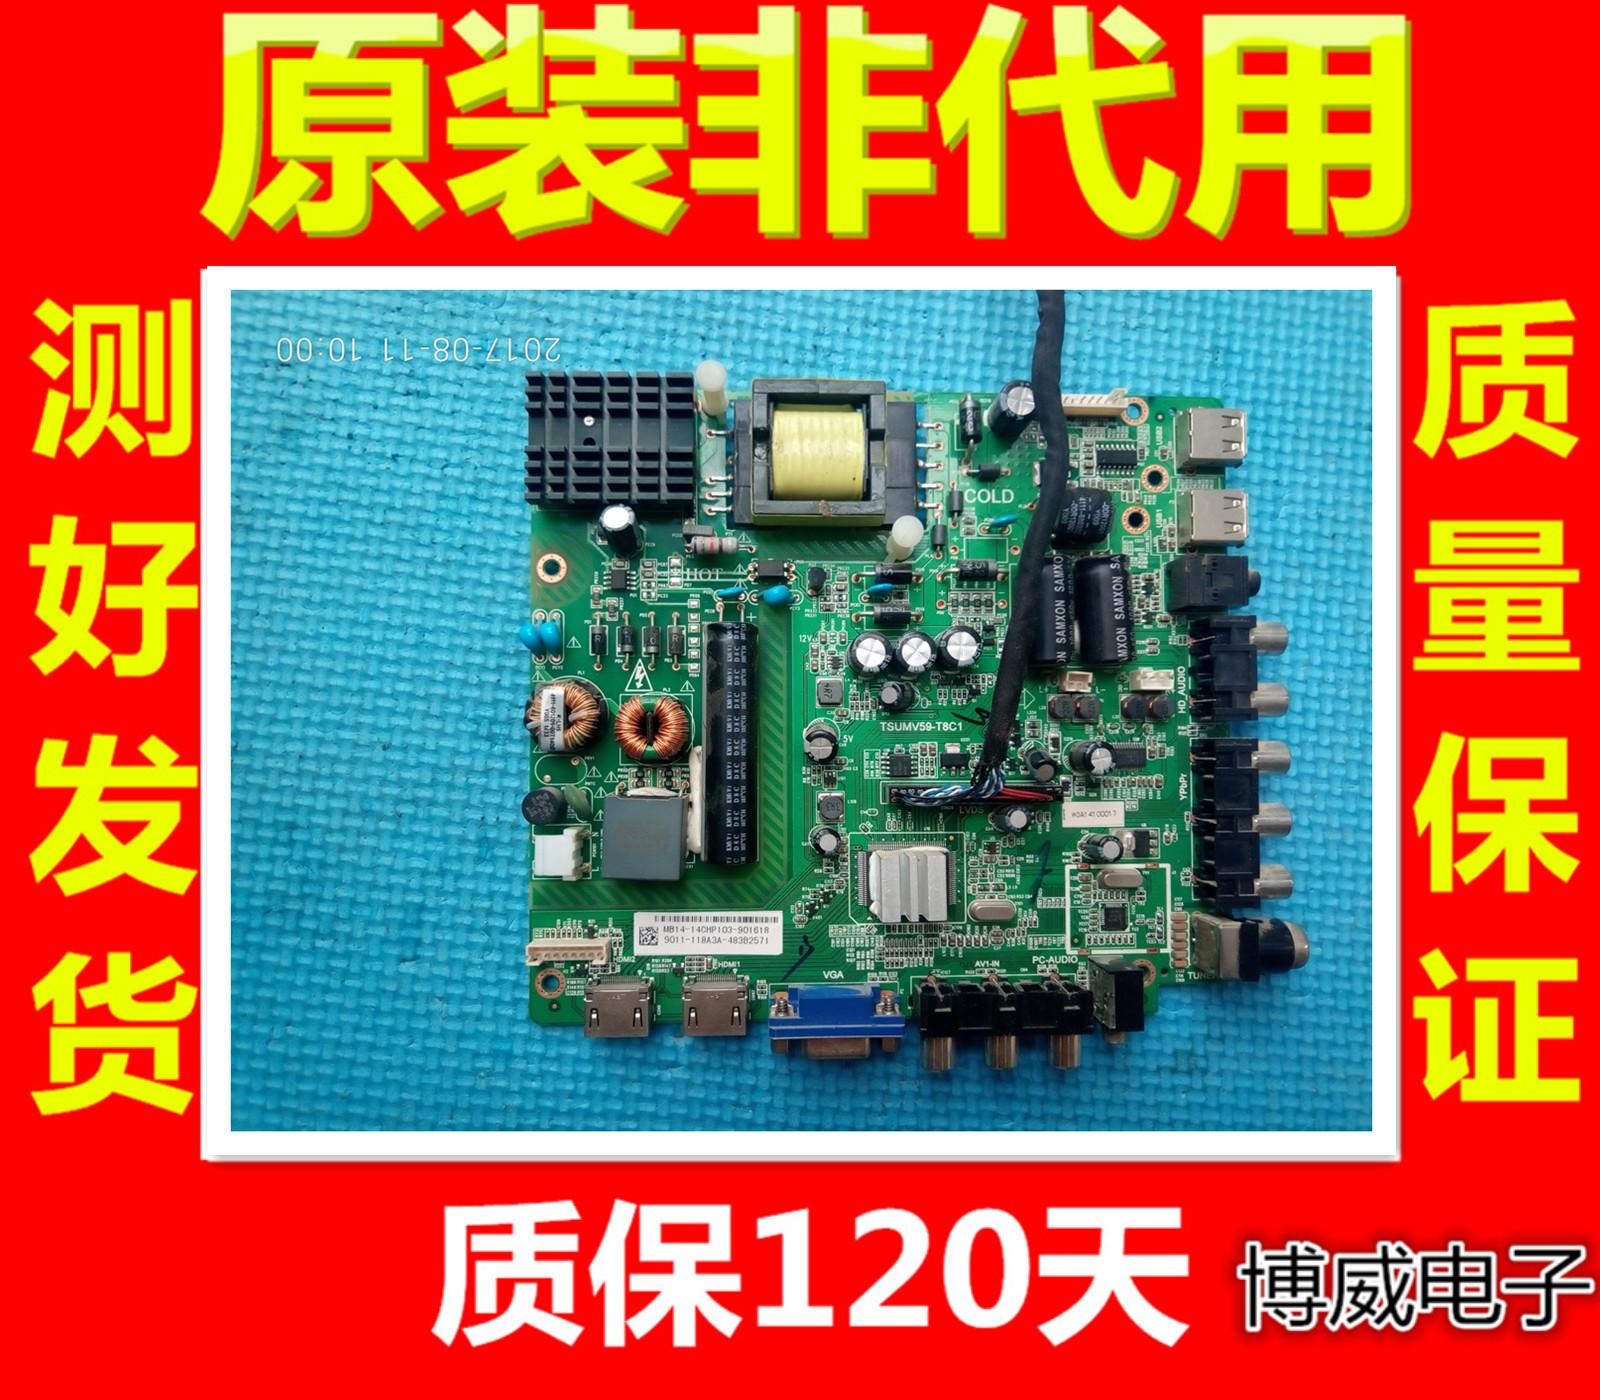 32 - Zoll - LCD - flachbild - fernseher befehlshaber D32KH1000 hintergrundbeleuchtung die helligkeit konstantstrom - hochdruck - 276